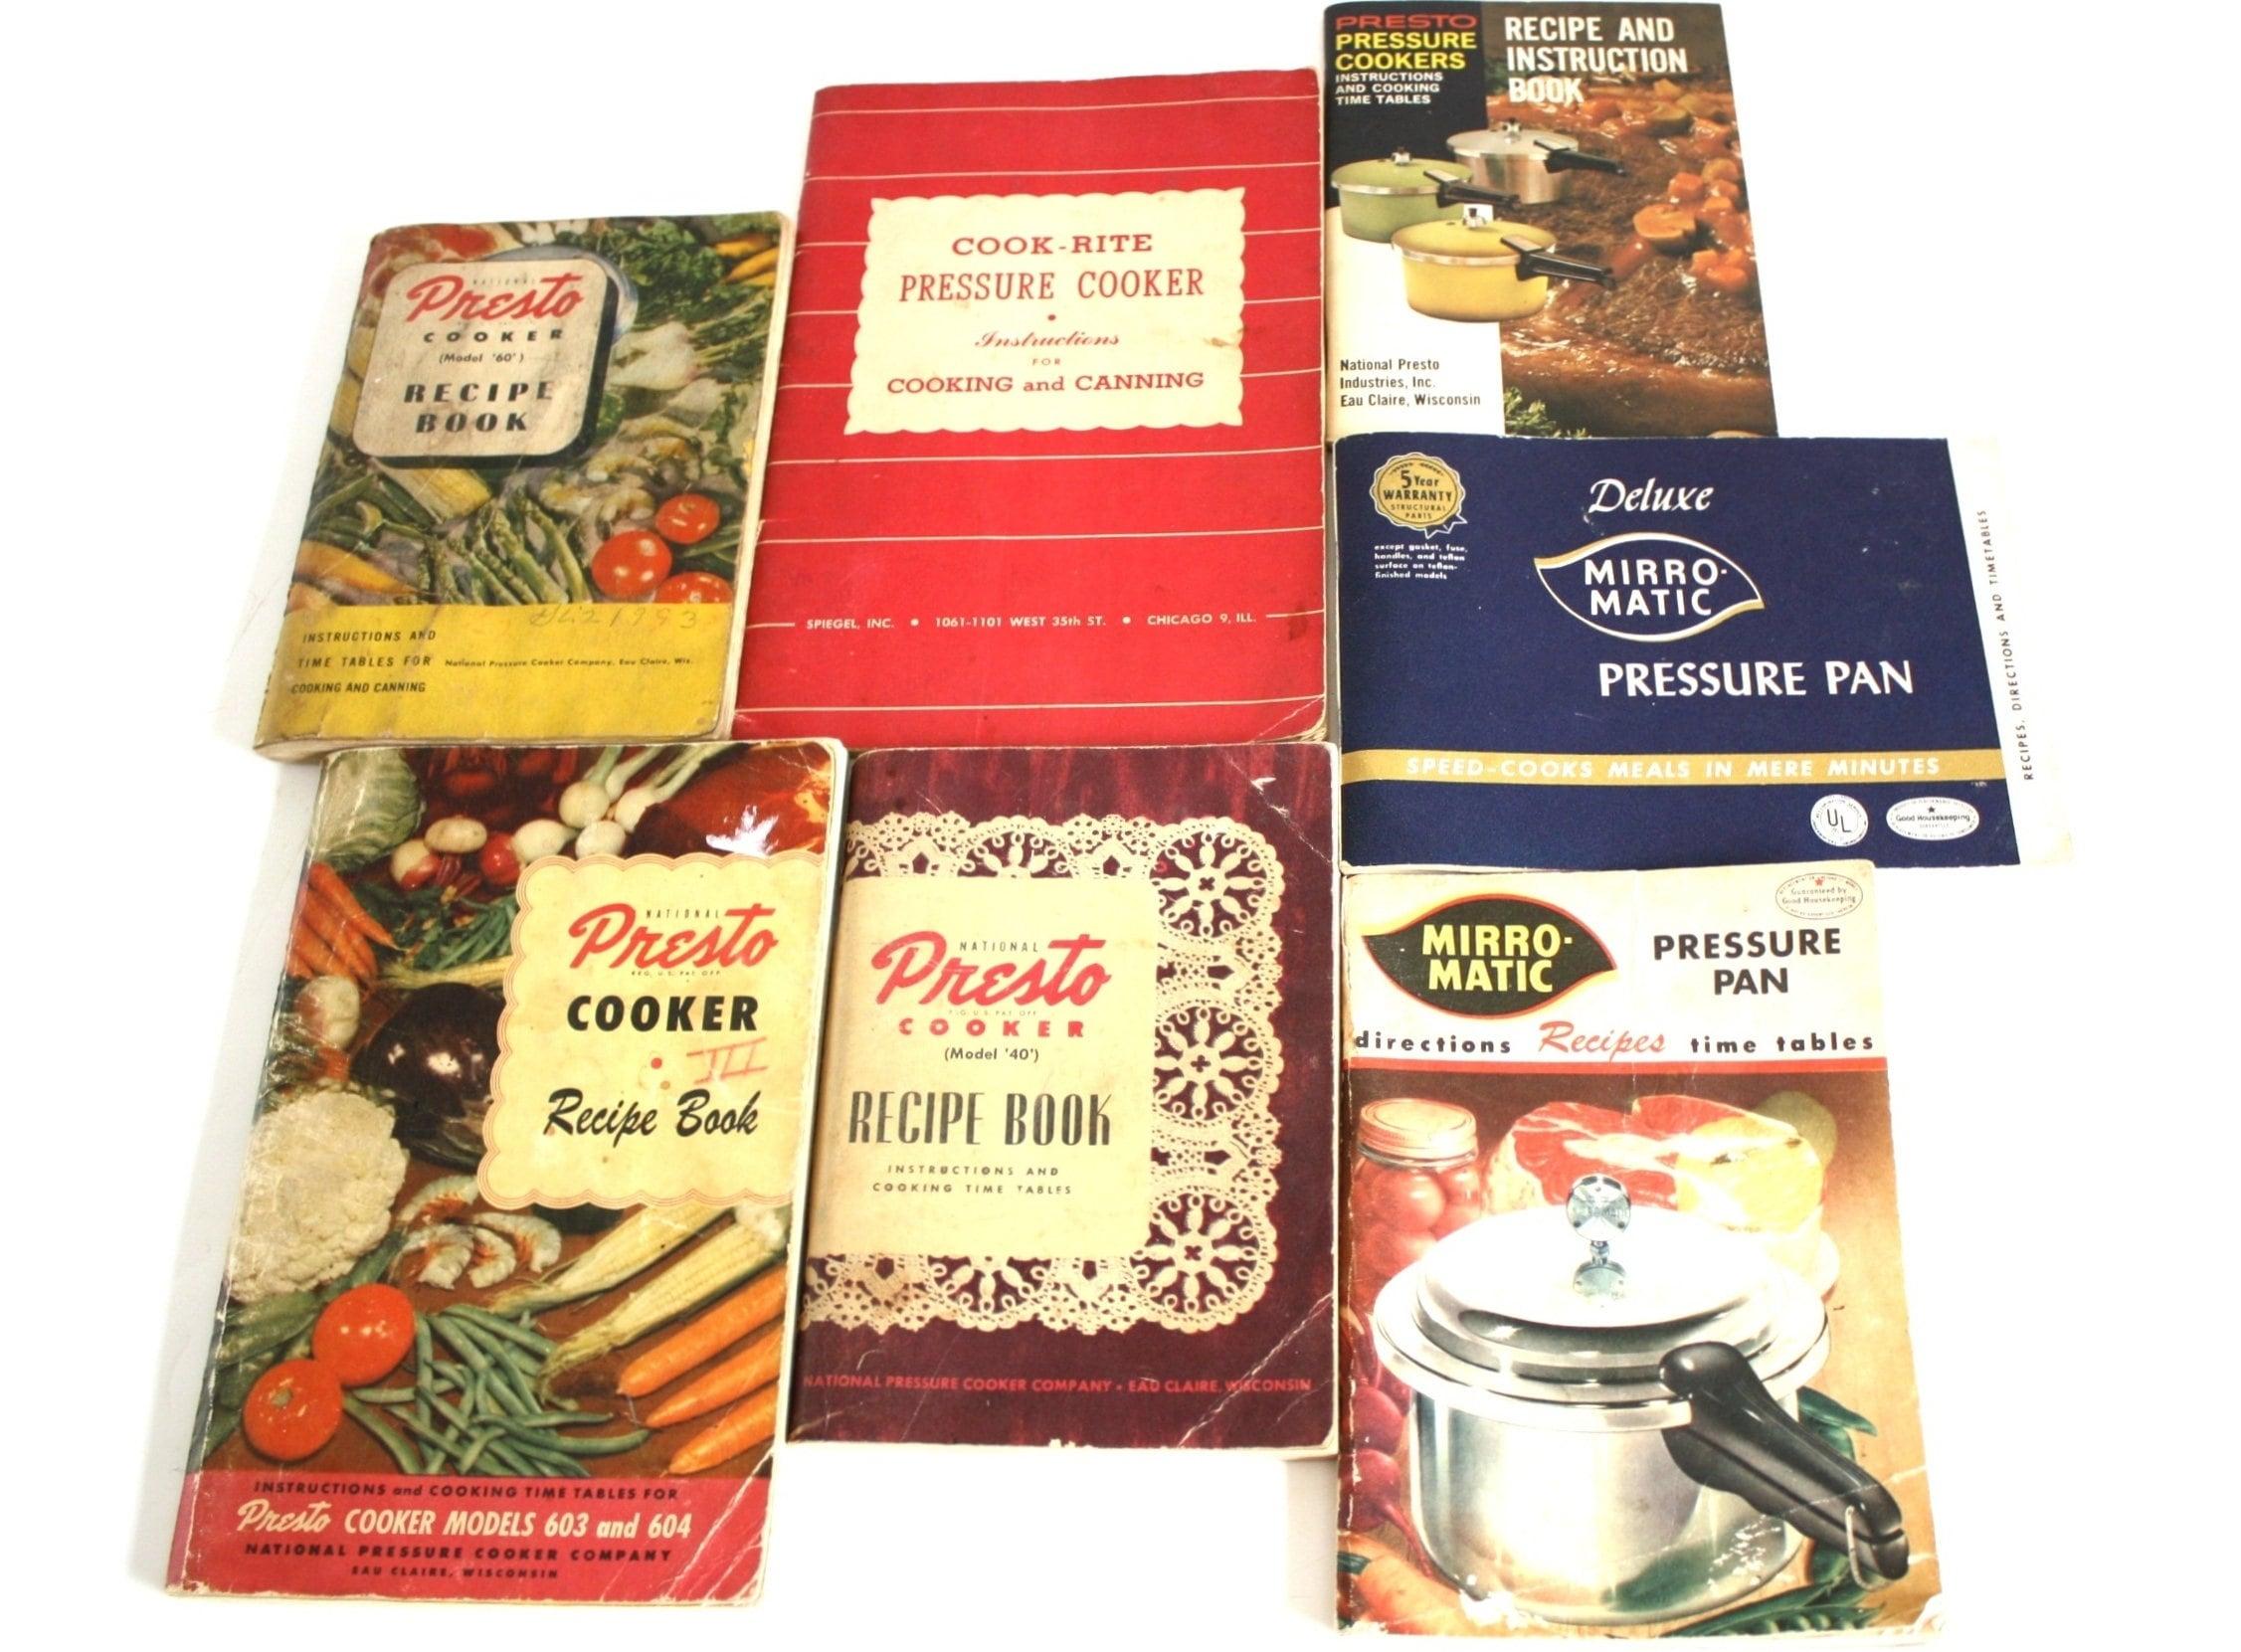 Presto Cook Rite Mirro Pressure Cooker Recipe Book Instruction Etsy